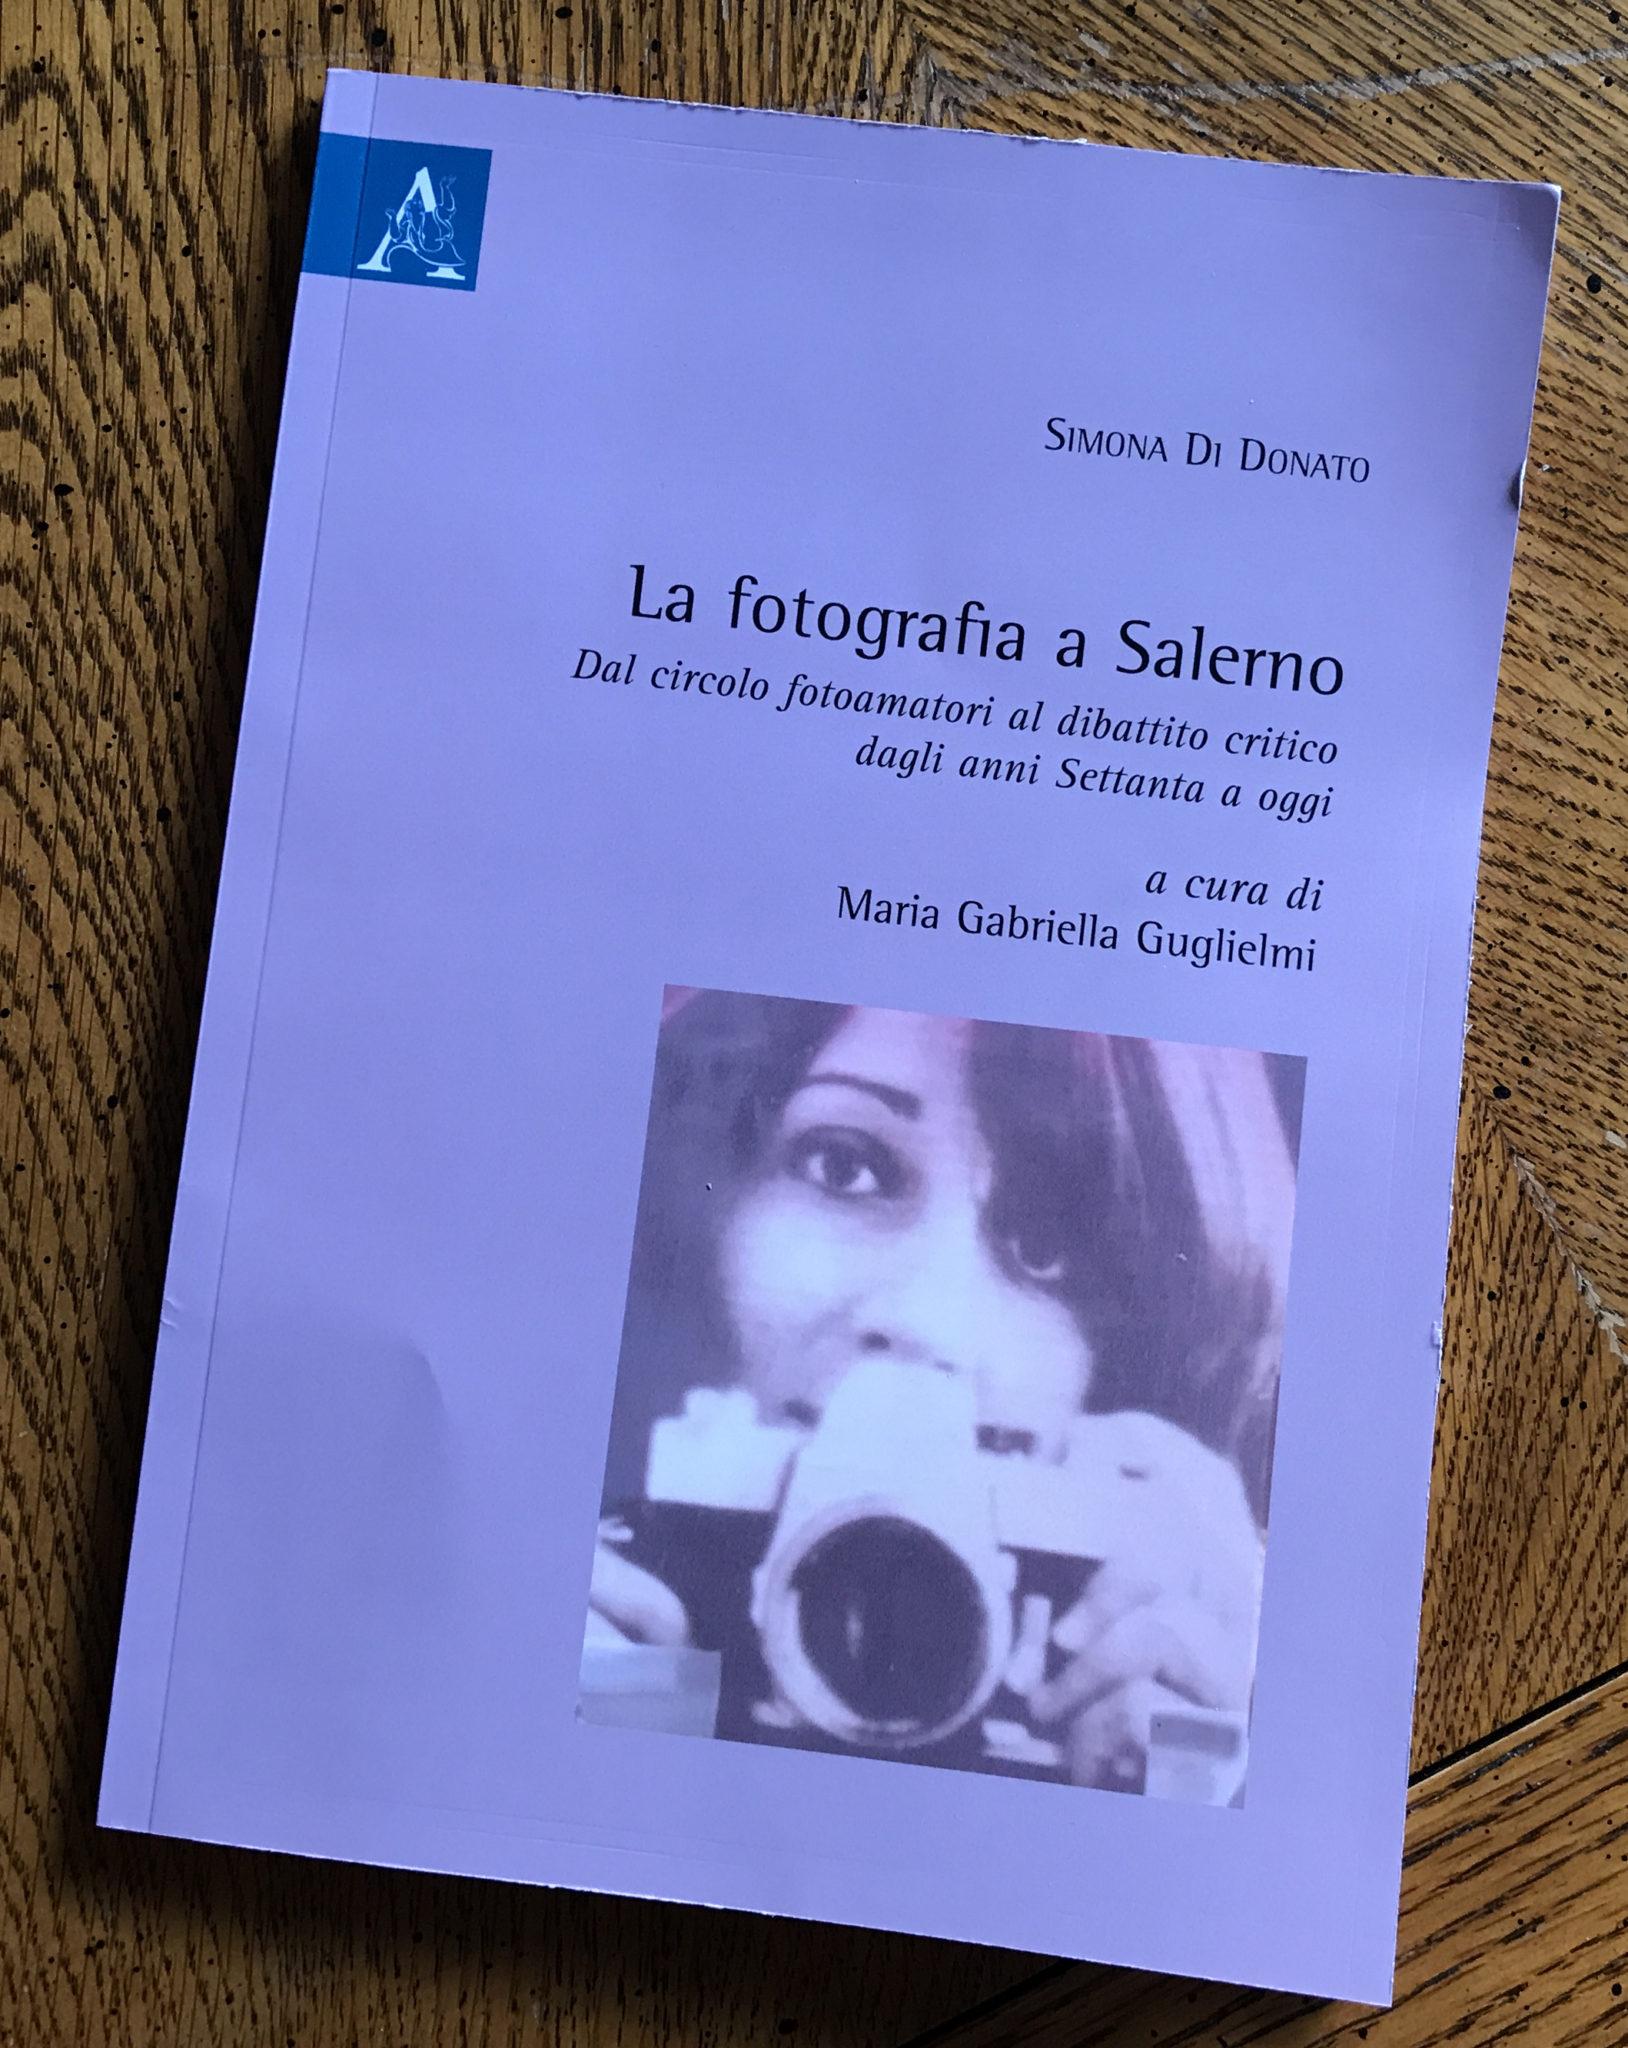 """Fotografo Cava Dei Tirreni la fotografia a salerno"""" di simona di donato - salerno news 24"""